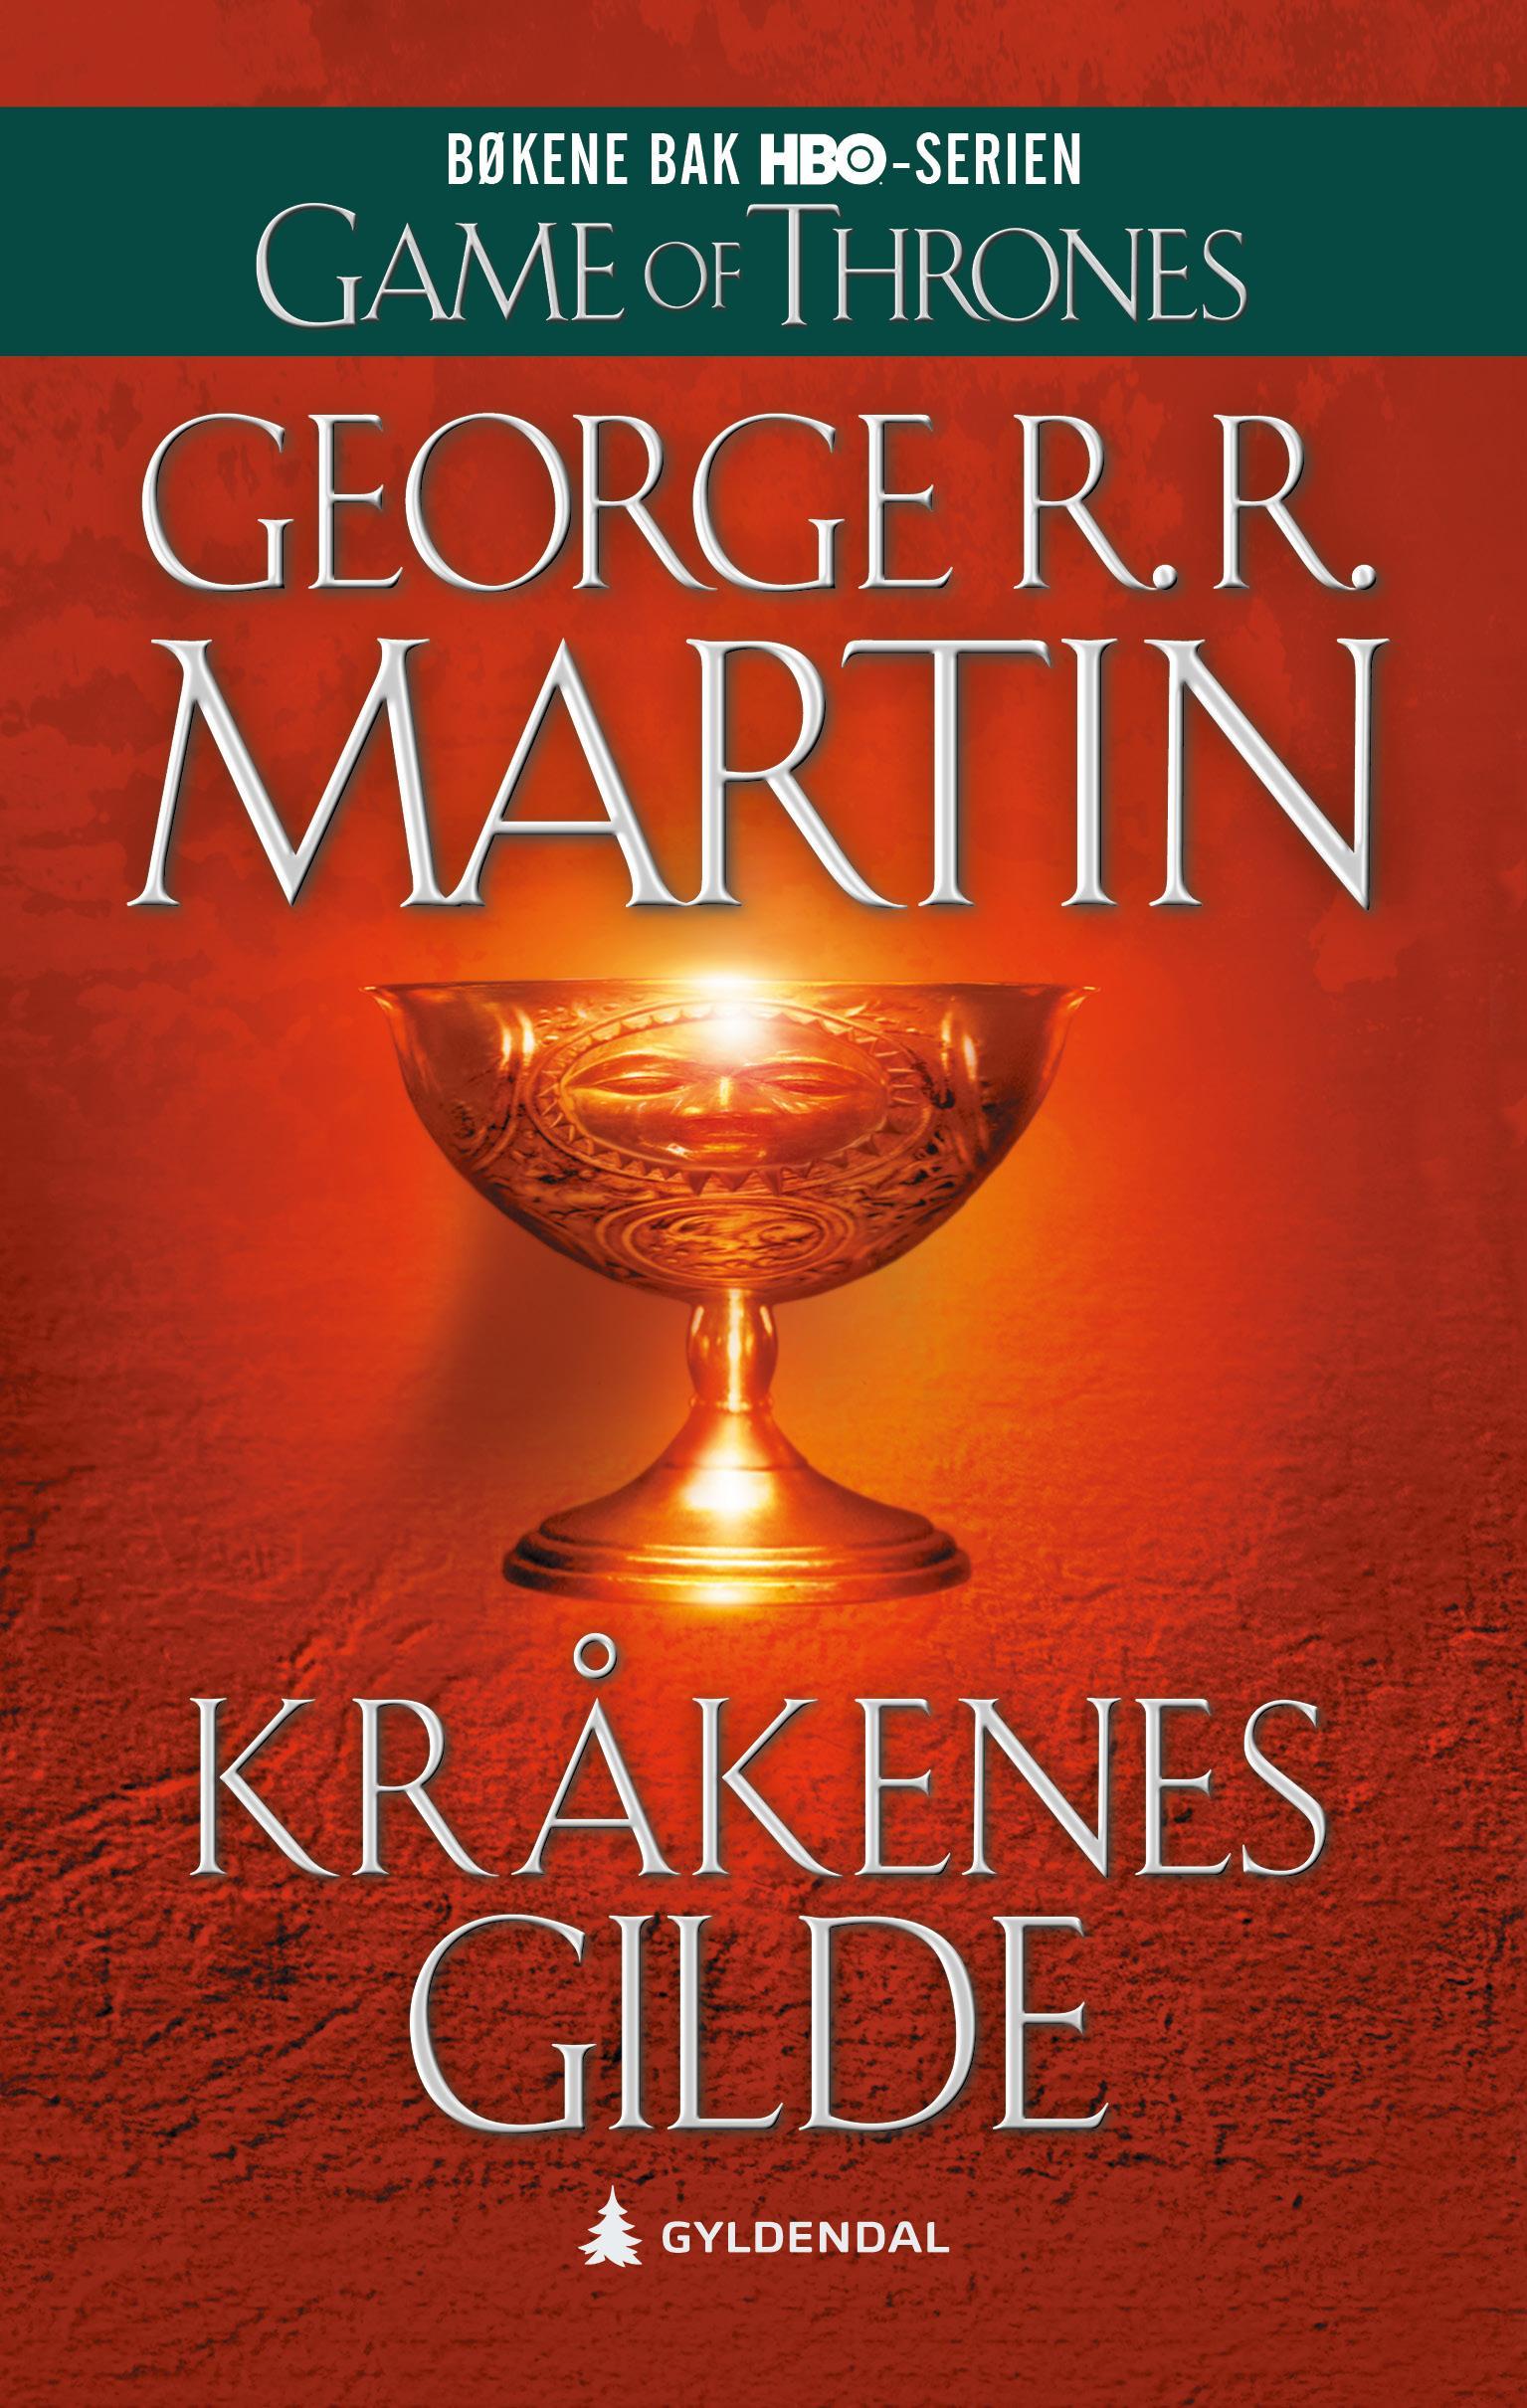 """""""Kråkenes gilde"""" av George R.R. Martin"""